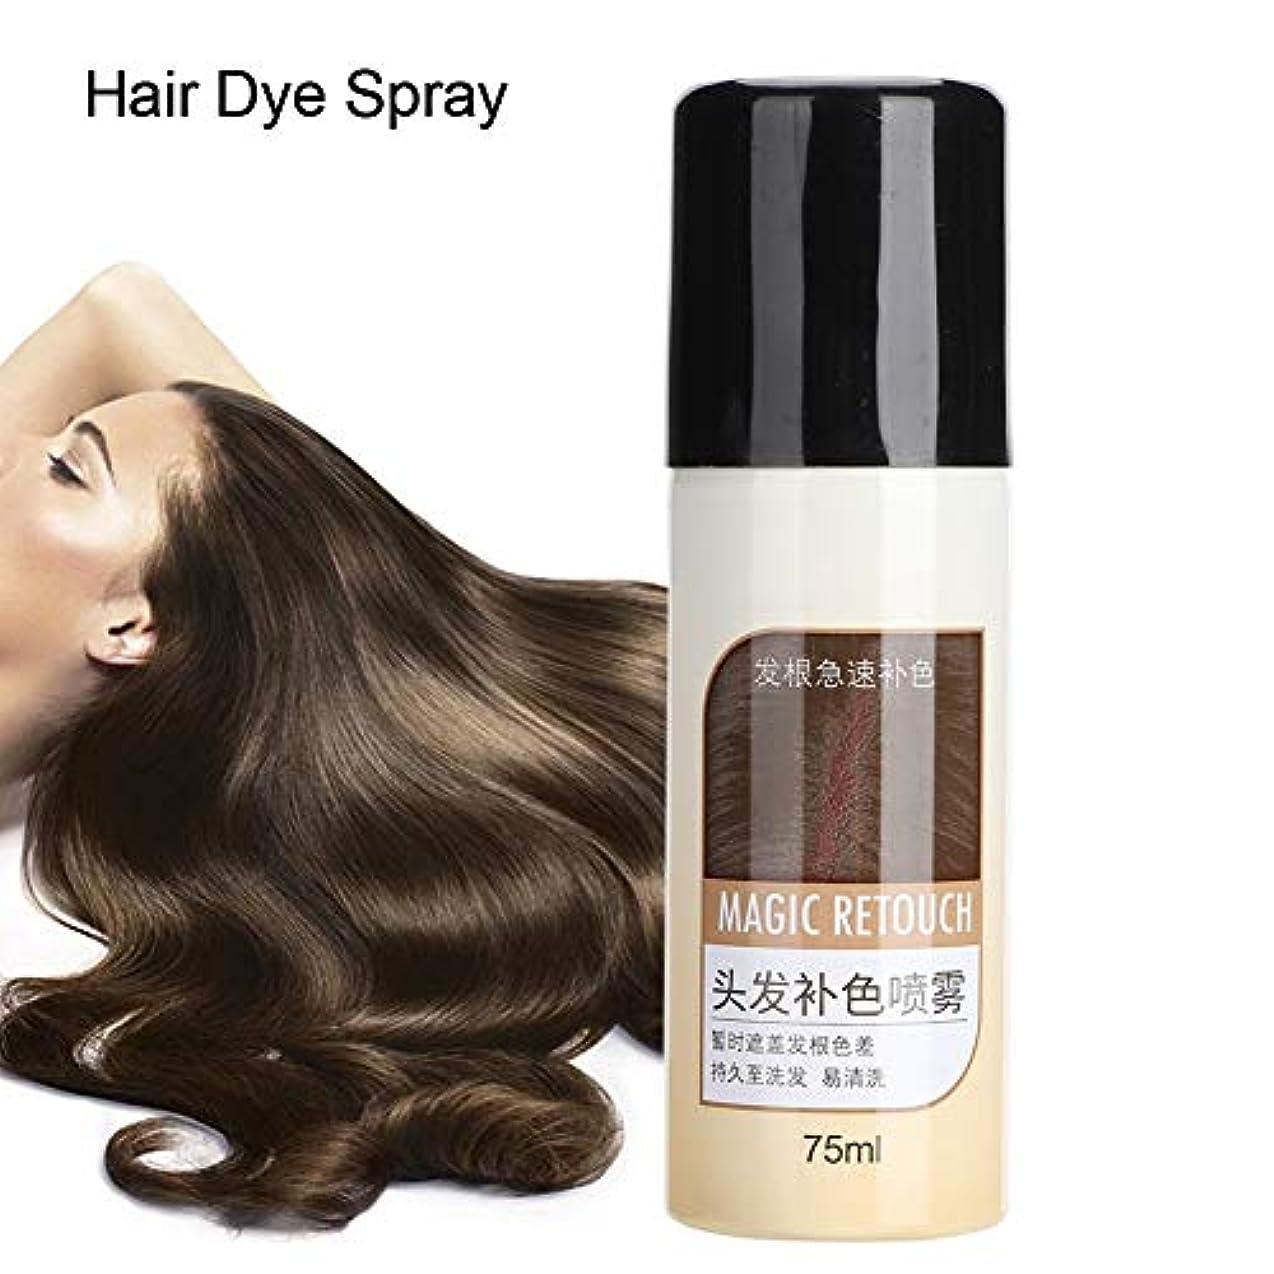 助言肉腫ローブヘアダイ、べたつかないマットヘアスタイル栄養補給用洗えるスプレーカバー白髪用長続きするカラー染料750ml (#1)